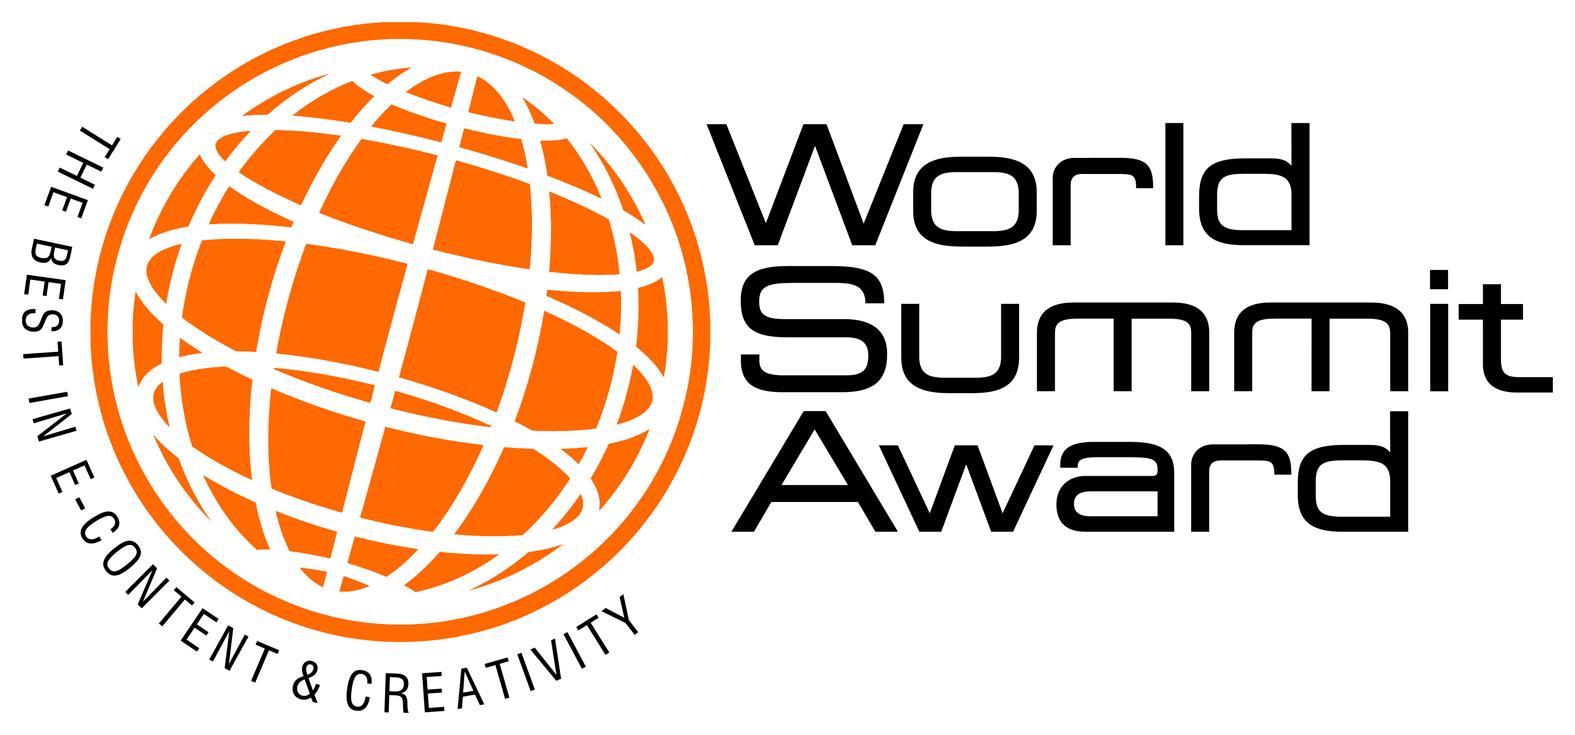 World_Summit_Award_WSA_logo2.jpg